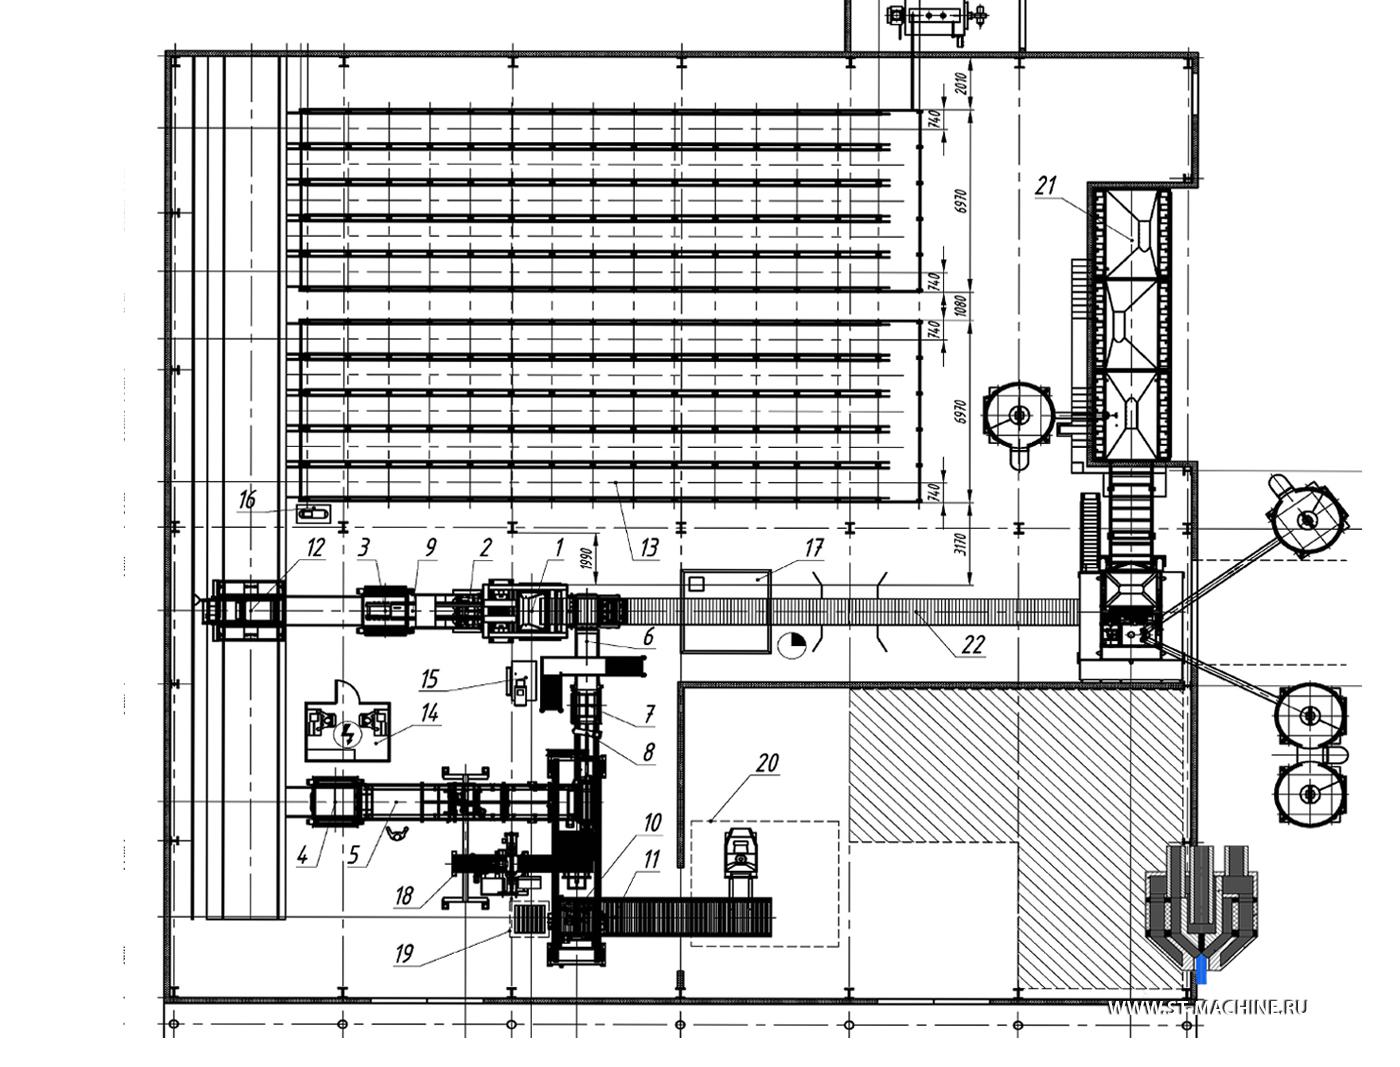 linii-vibropress-proekt-rometa2030-st-machine.ru-betonnui-zavod.jpg